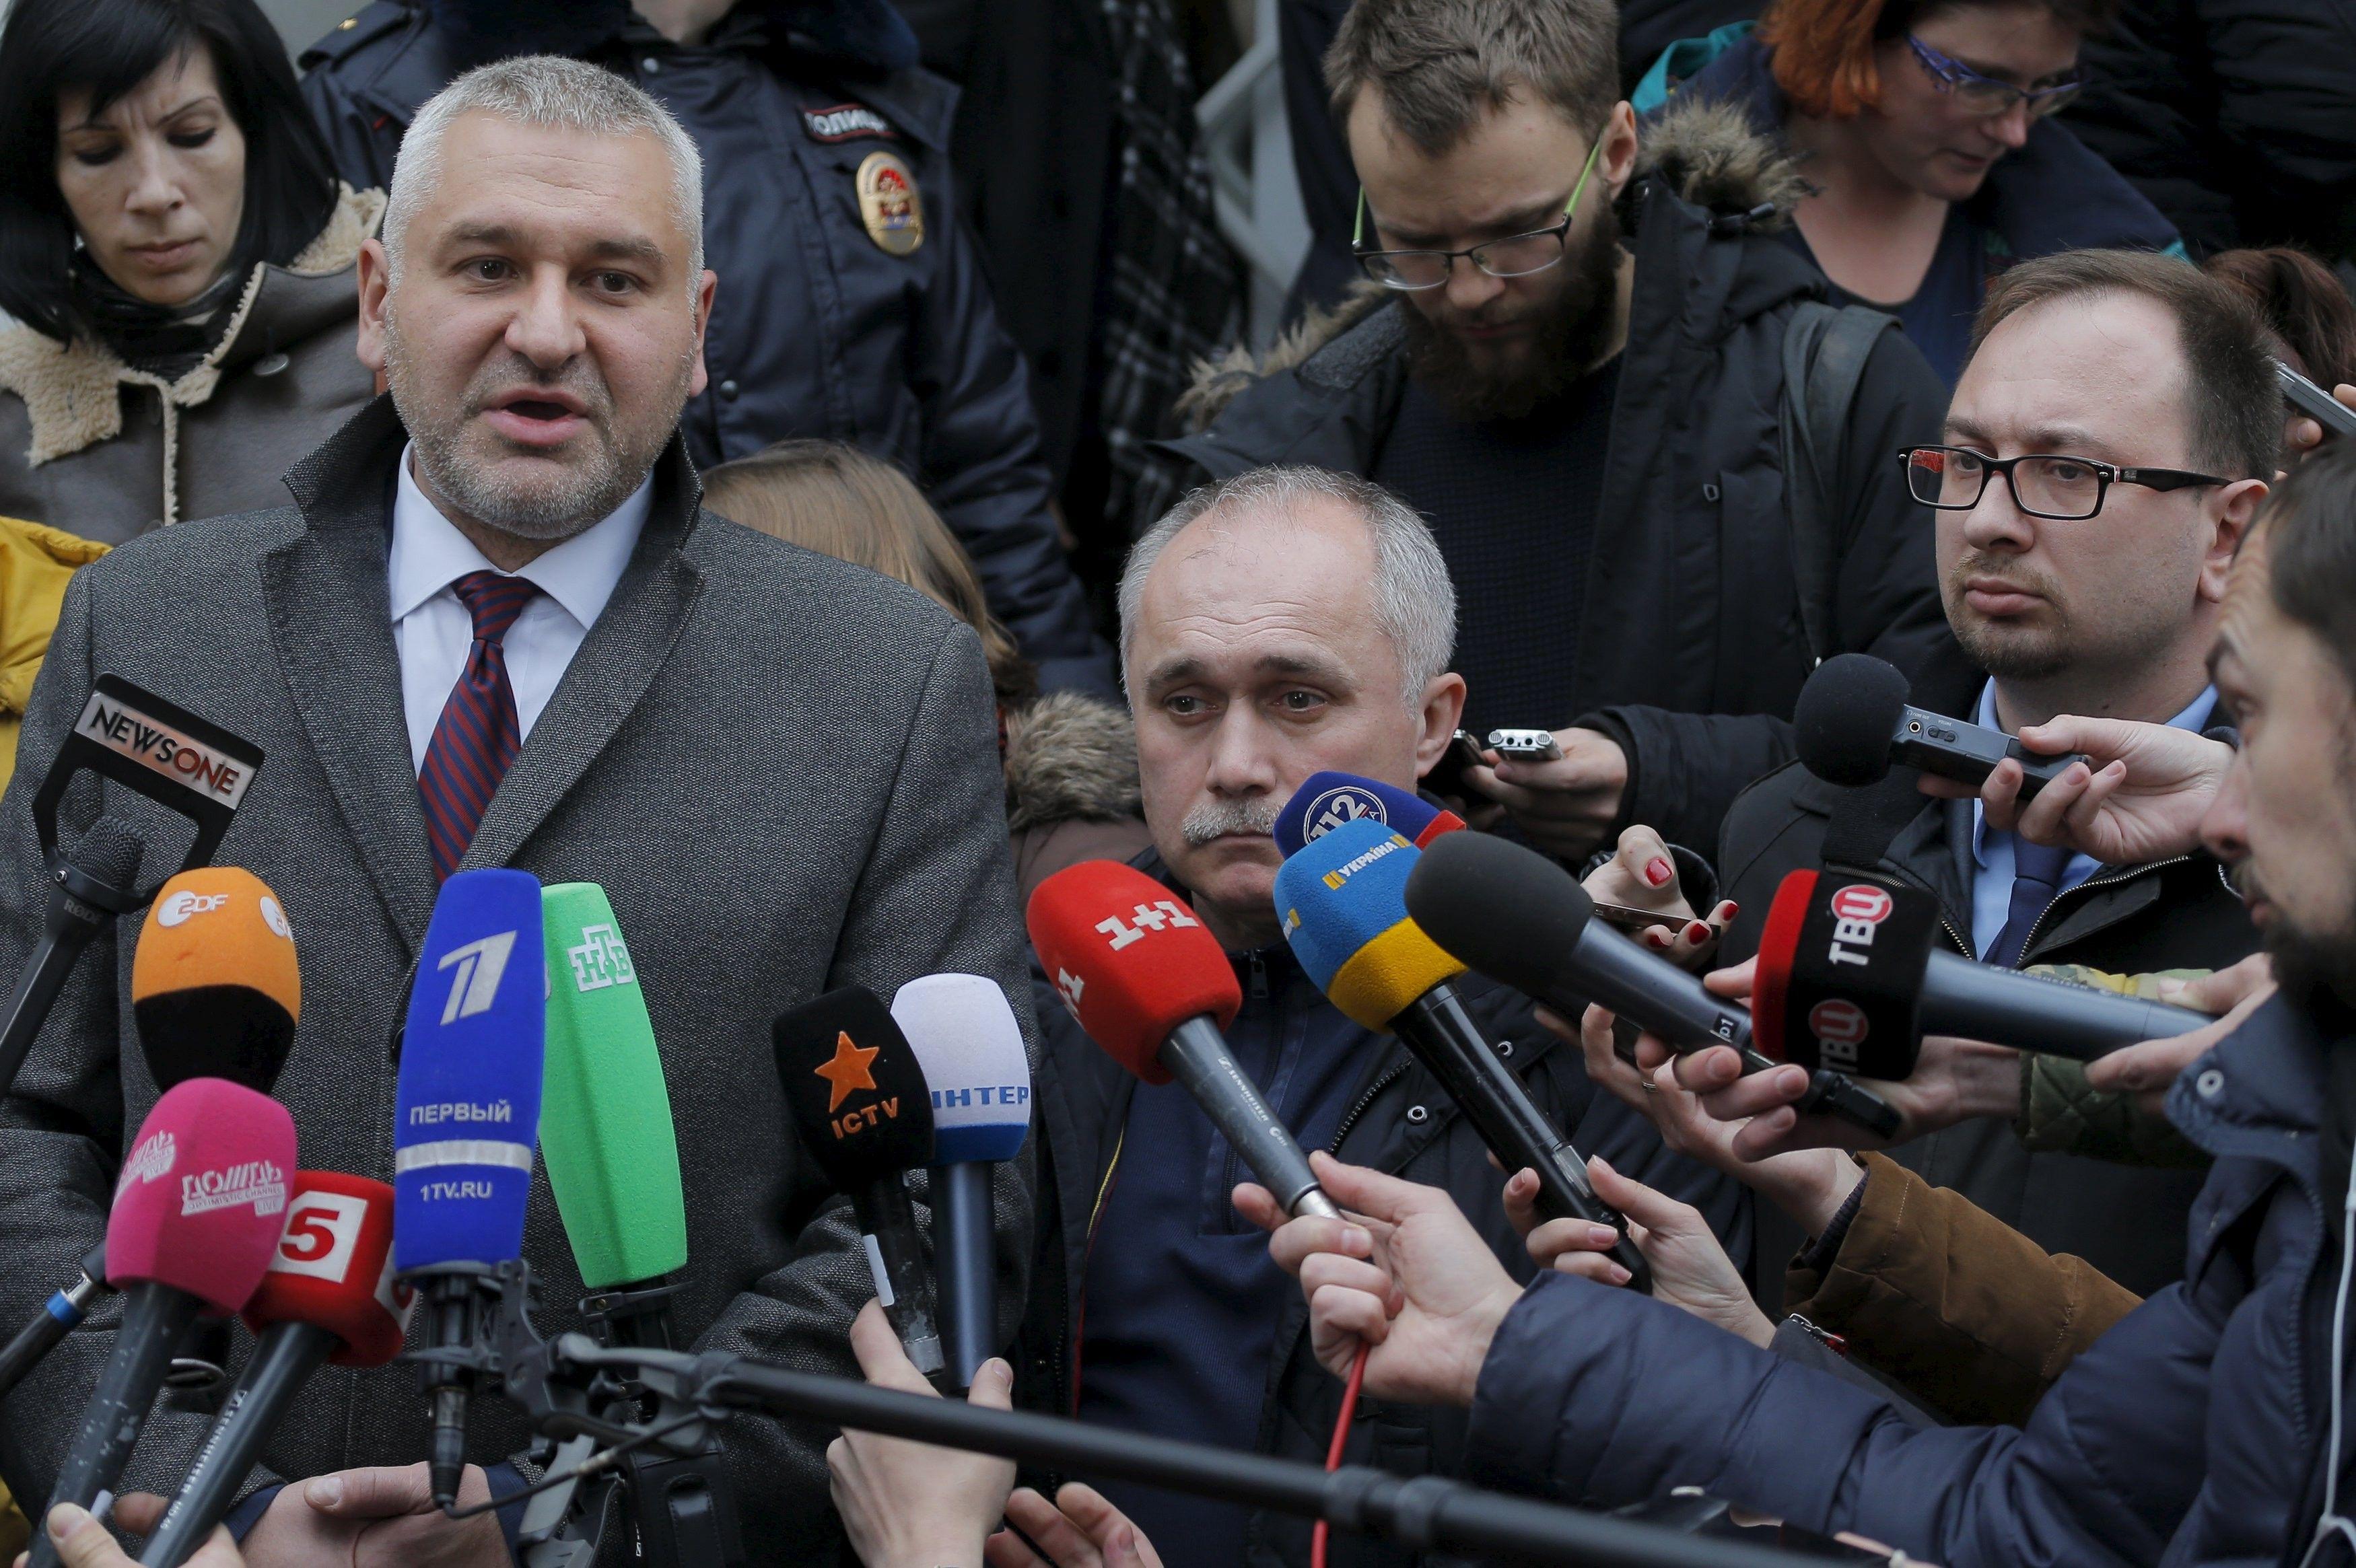 Марк Фейгин, российский адвокат / REUTERS